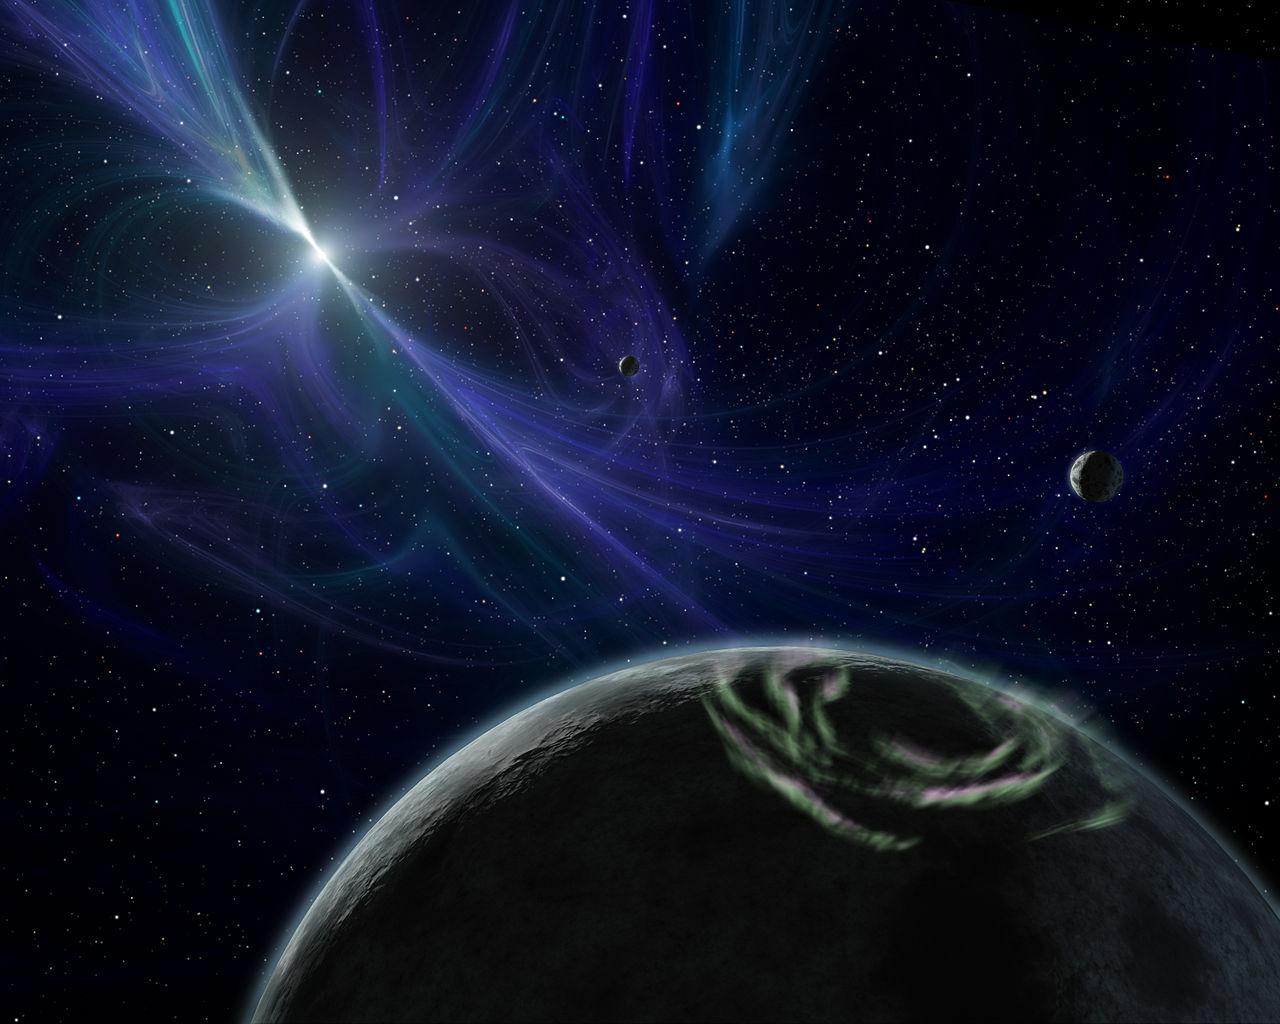 Suiza lanzará satélites low-cost al espacio